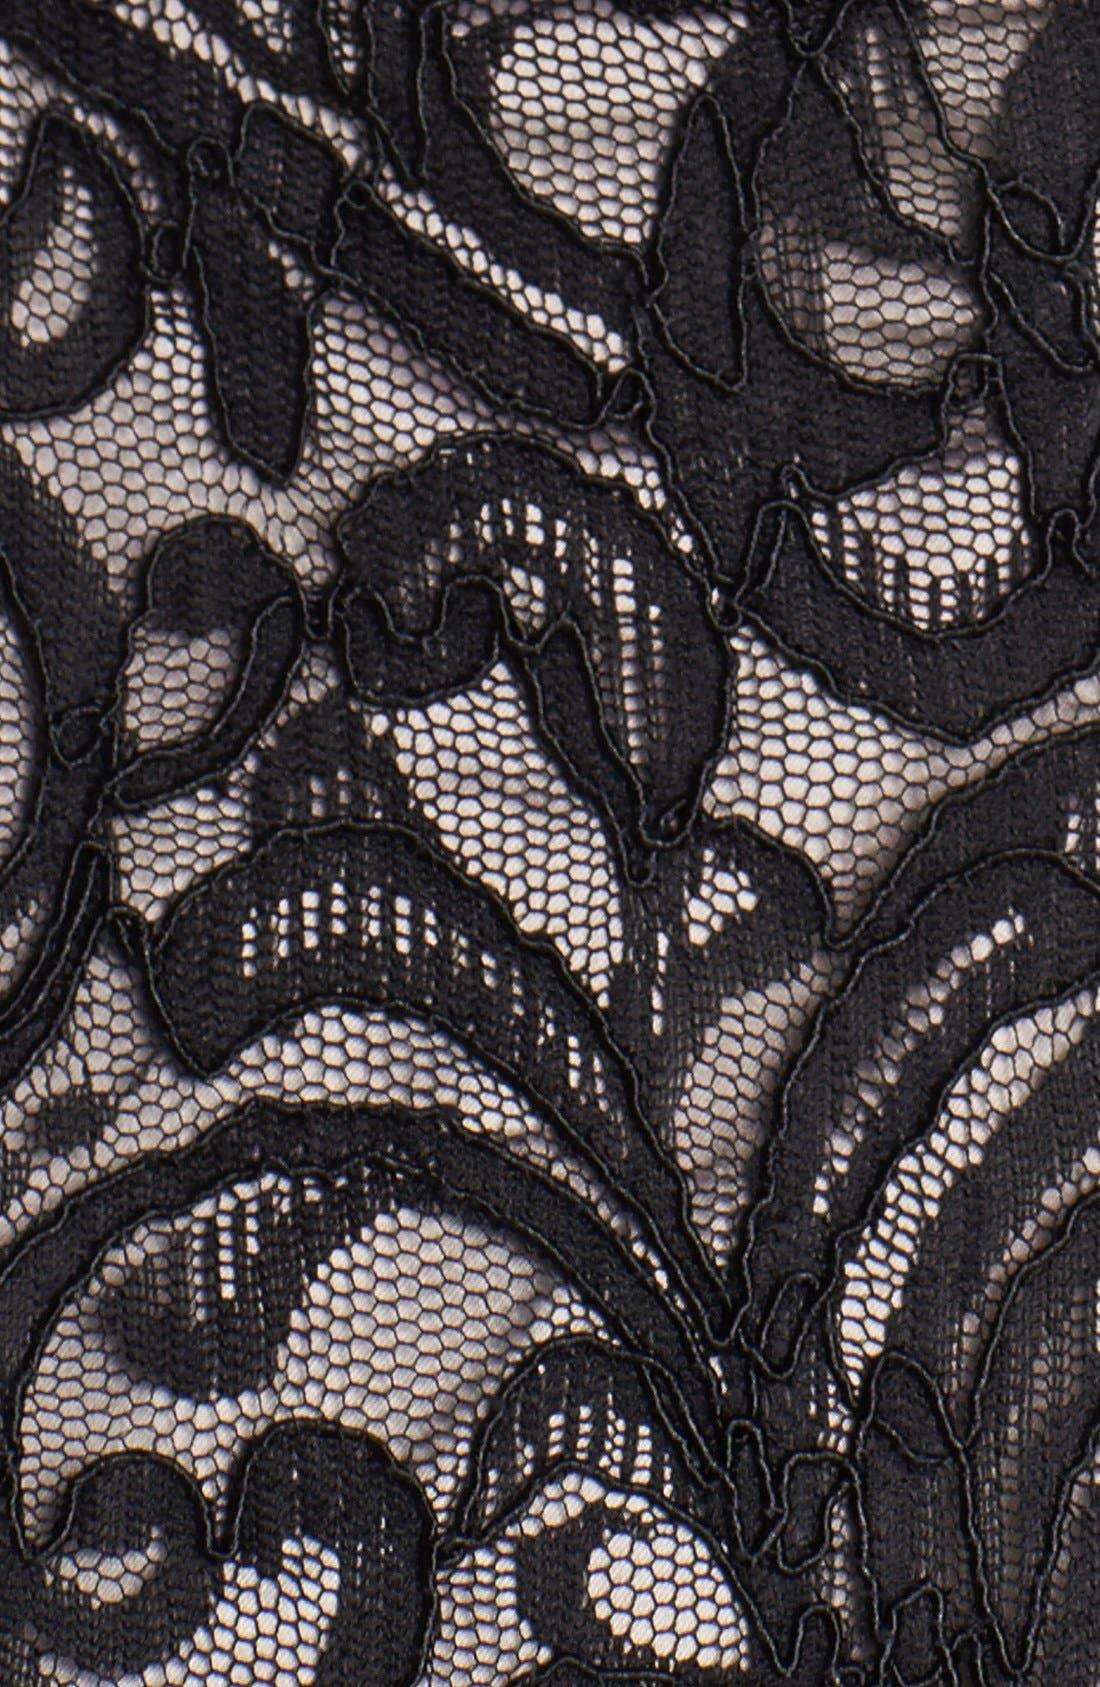 Illusion Yoke Lace Fit & Flare Dress,                             Alternate thumbnail 4, color,                             001